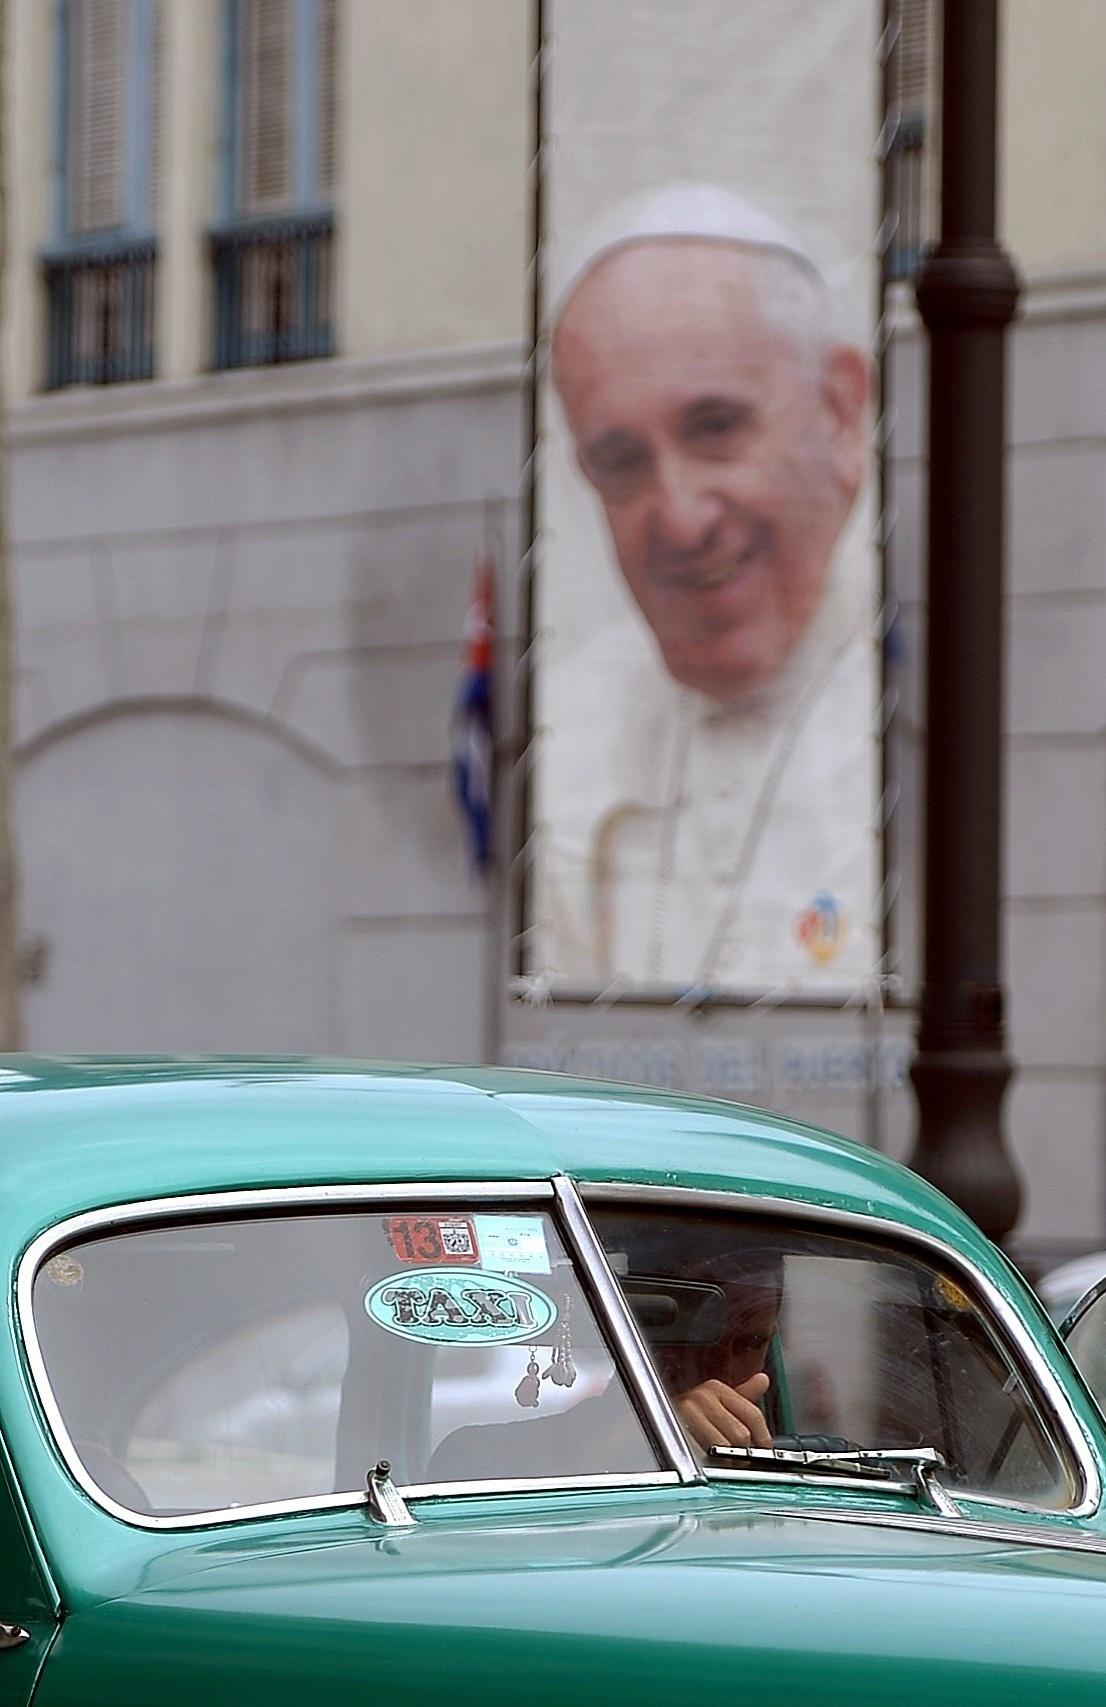 17.set.2015 - Motorista de taxi conduz seu veículo ao lado de um pôster do papa Francisco em uma rua de Havana, Cuba,  anunciando a visita do pontífice ao país. O papa Francisco começará no próximo sábado (19) sua 10ª viagem internacional, um périplo que o levará a Cuba e aos Estados Unidos durante nove dias, nos quais fará 26 discursos